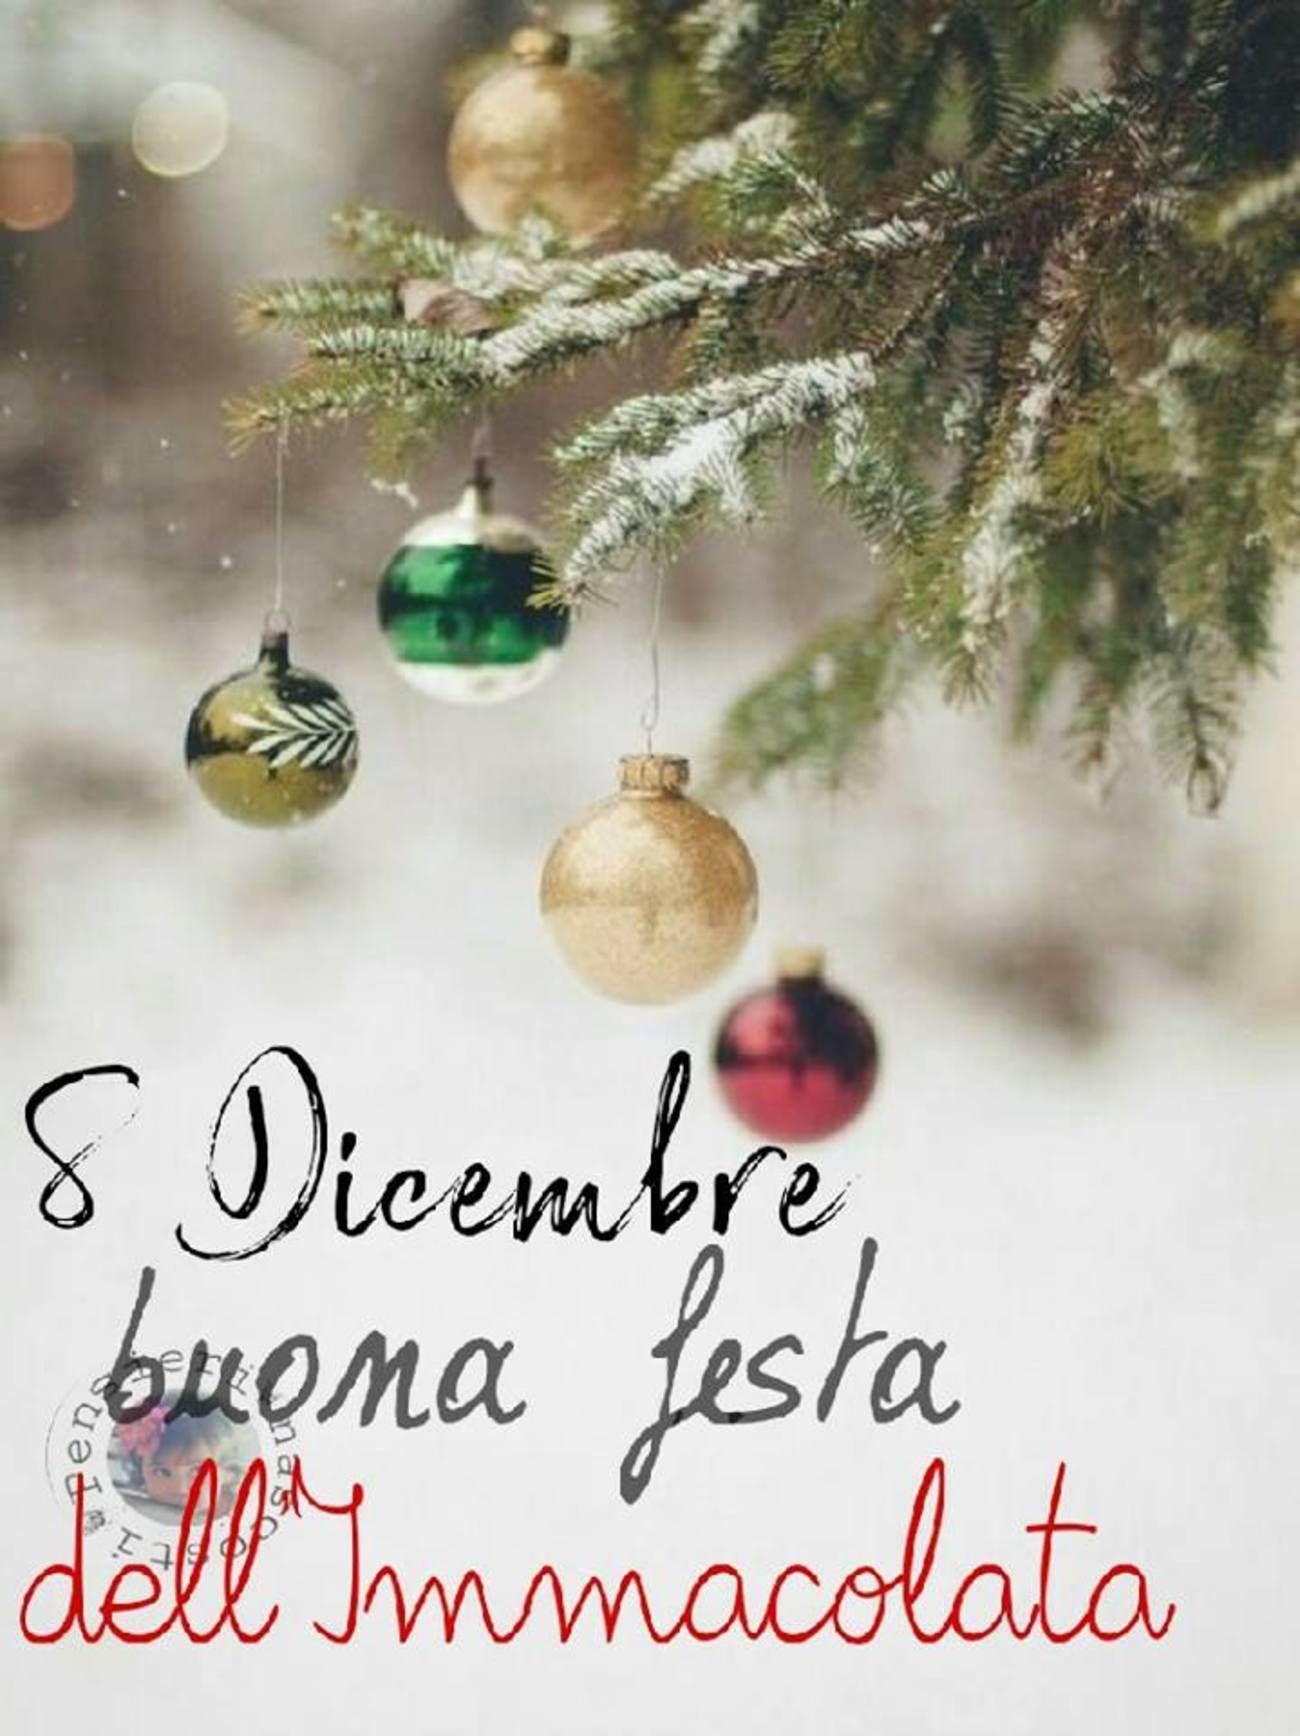 Albero Di Natale 8 Dicembre.Immagini Da Mandare Per L 8 Dicembre 5405 Christmas Bulbs Christmas Ornaments Christmas